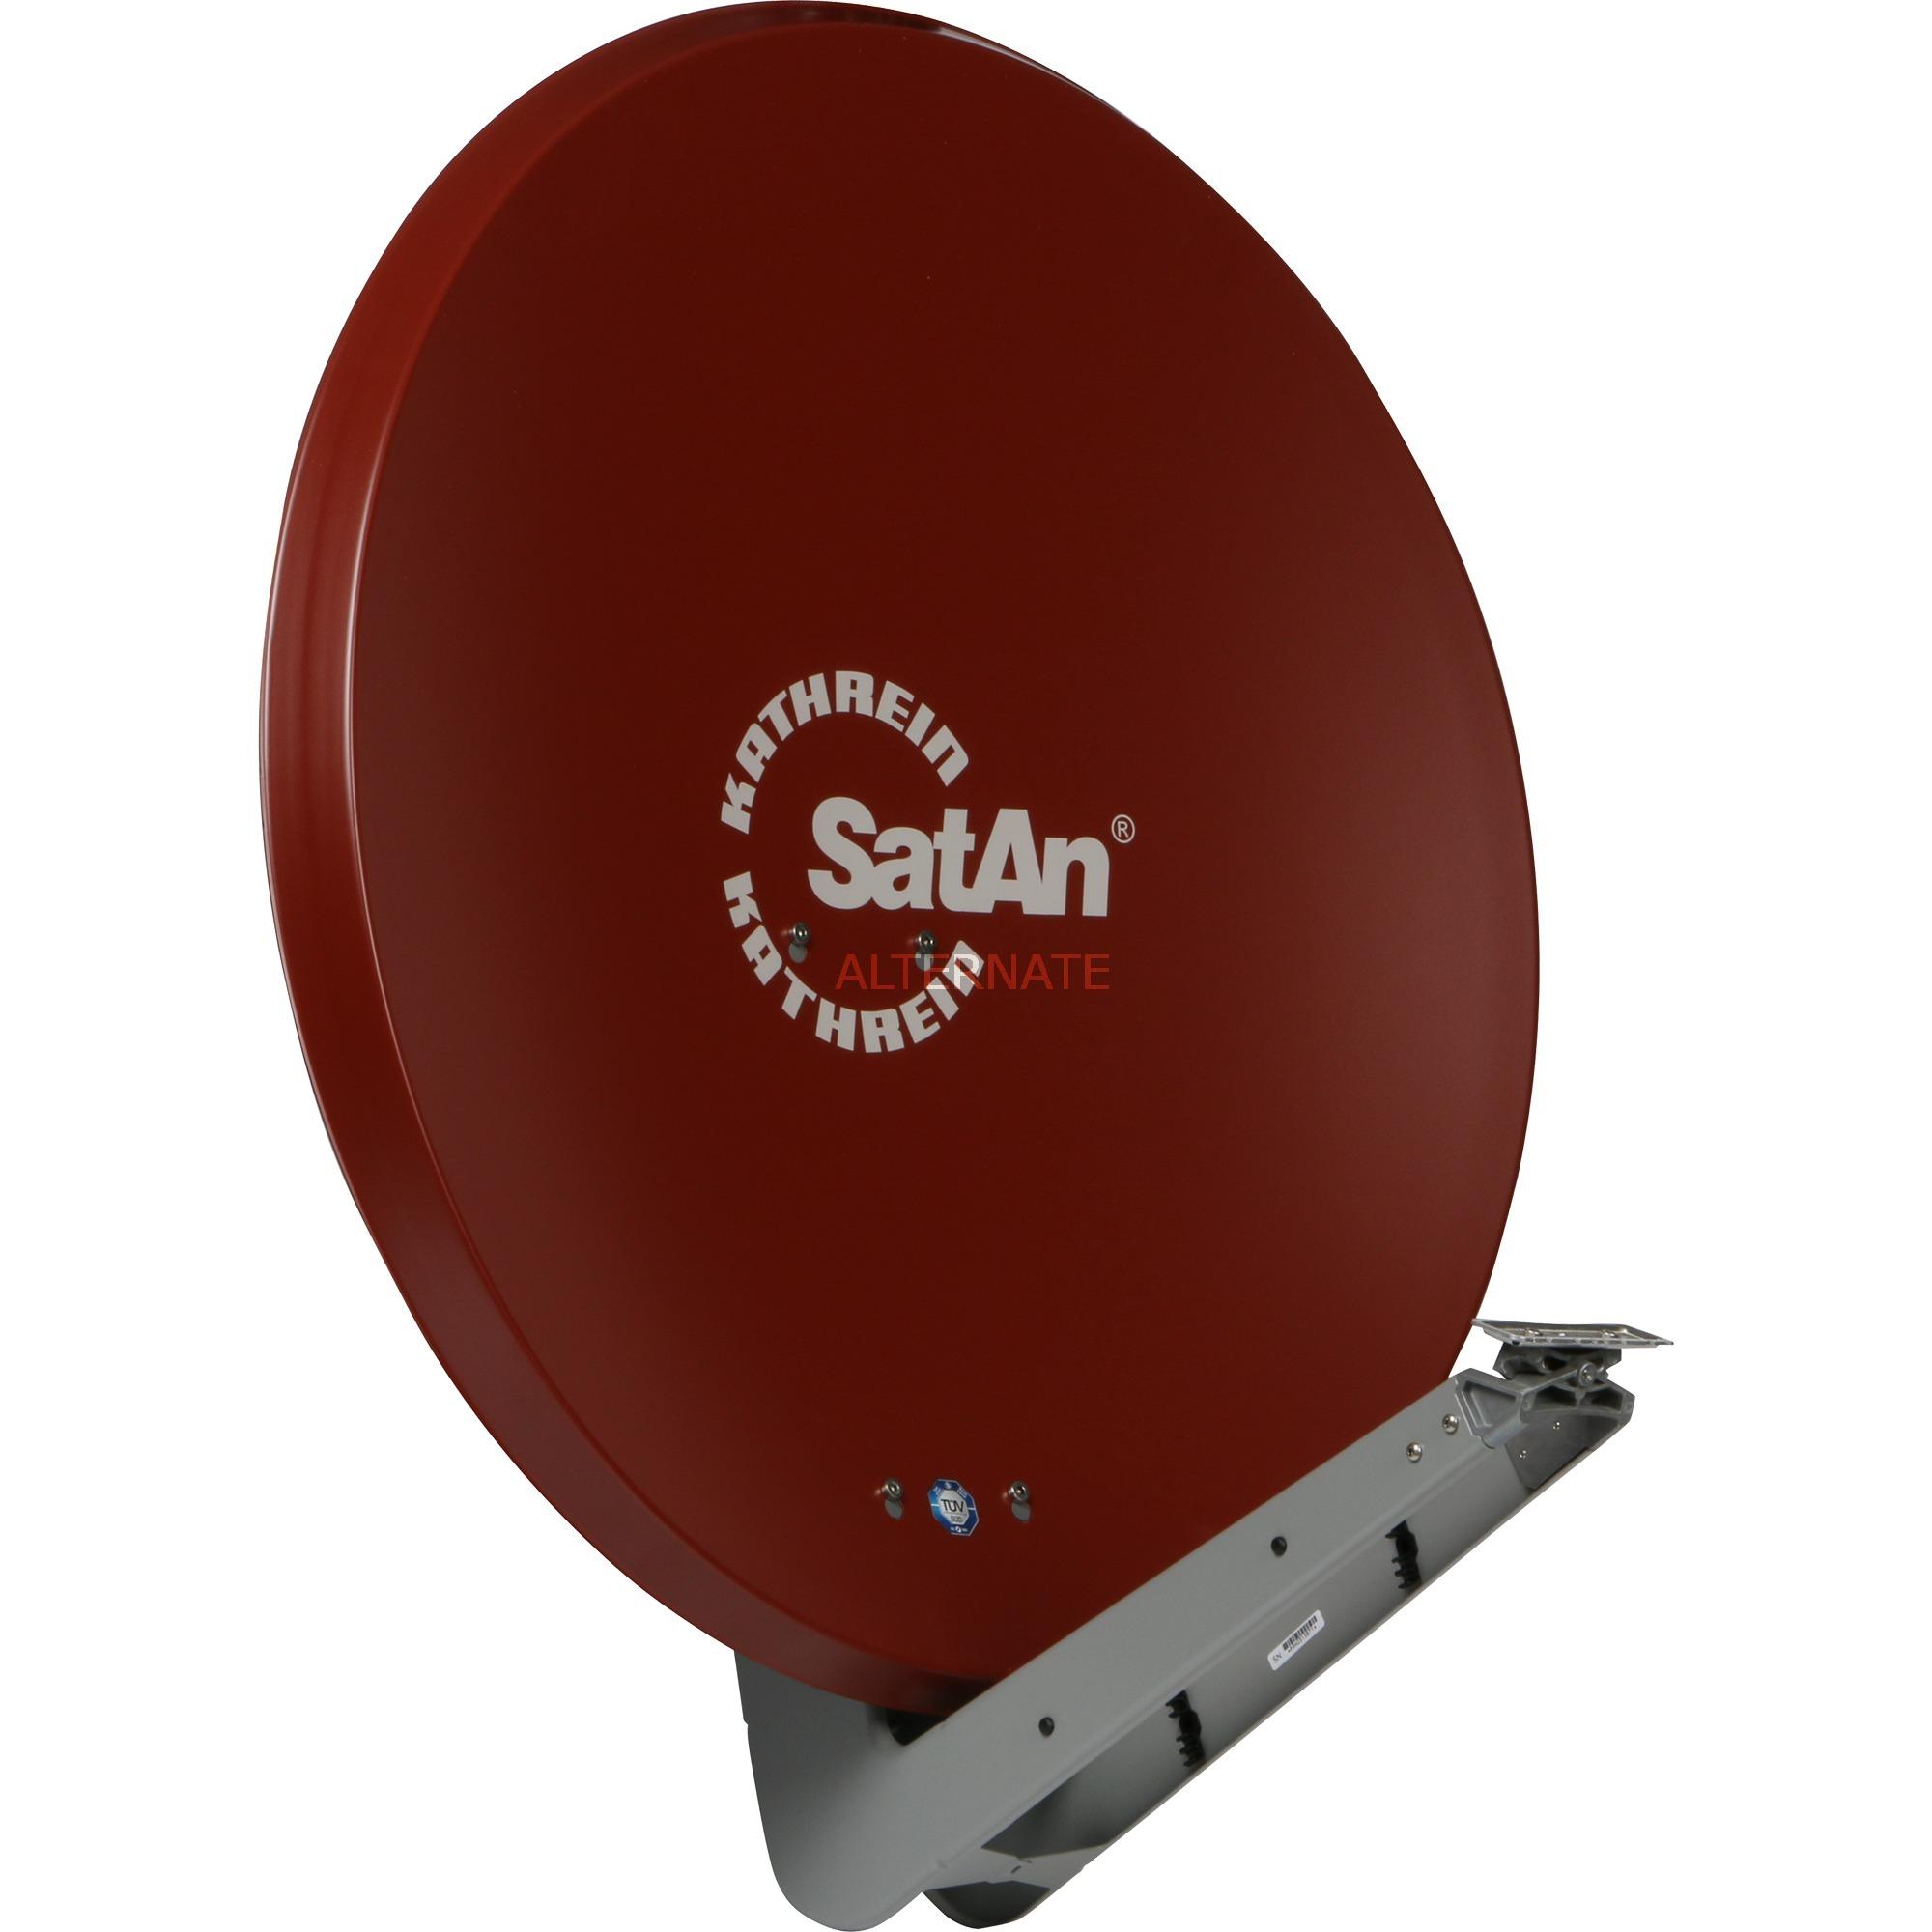 CAS 90ro antena de satélite Marrón, Rojo, Antena parabólica